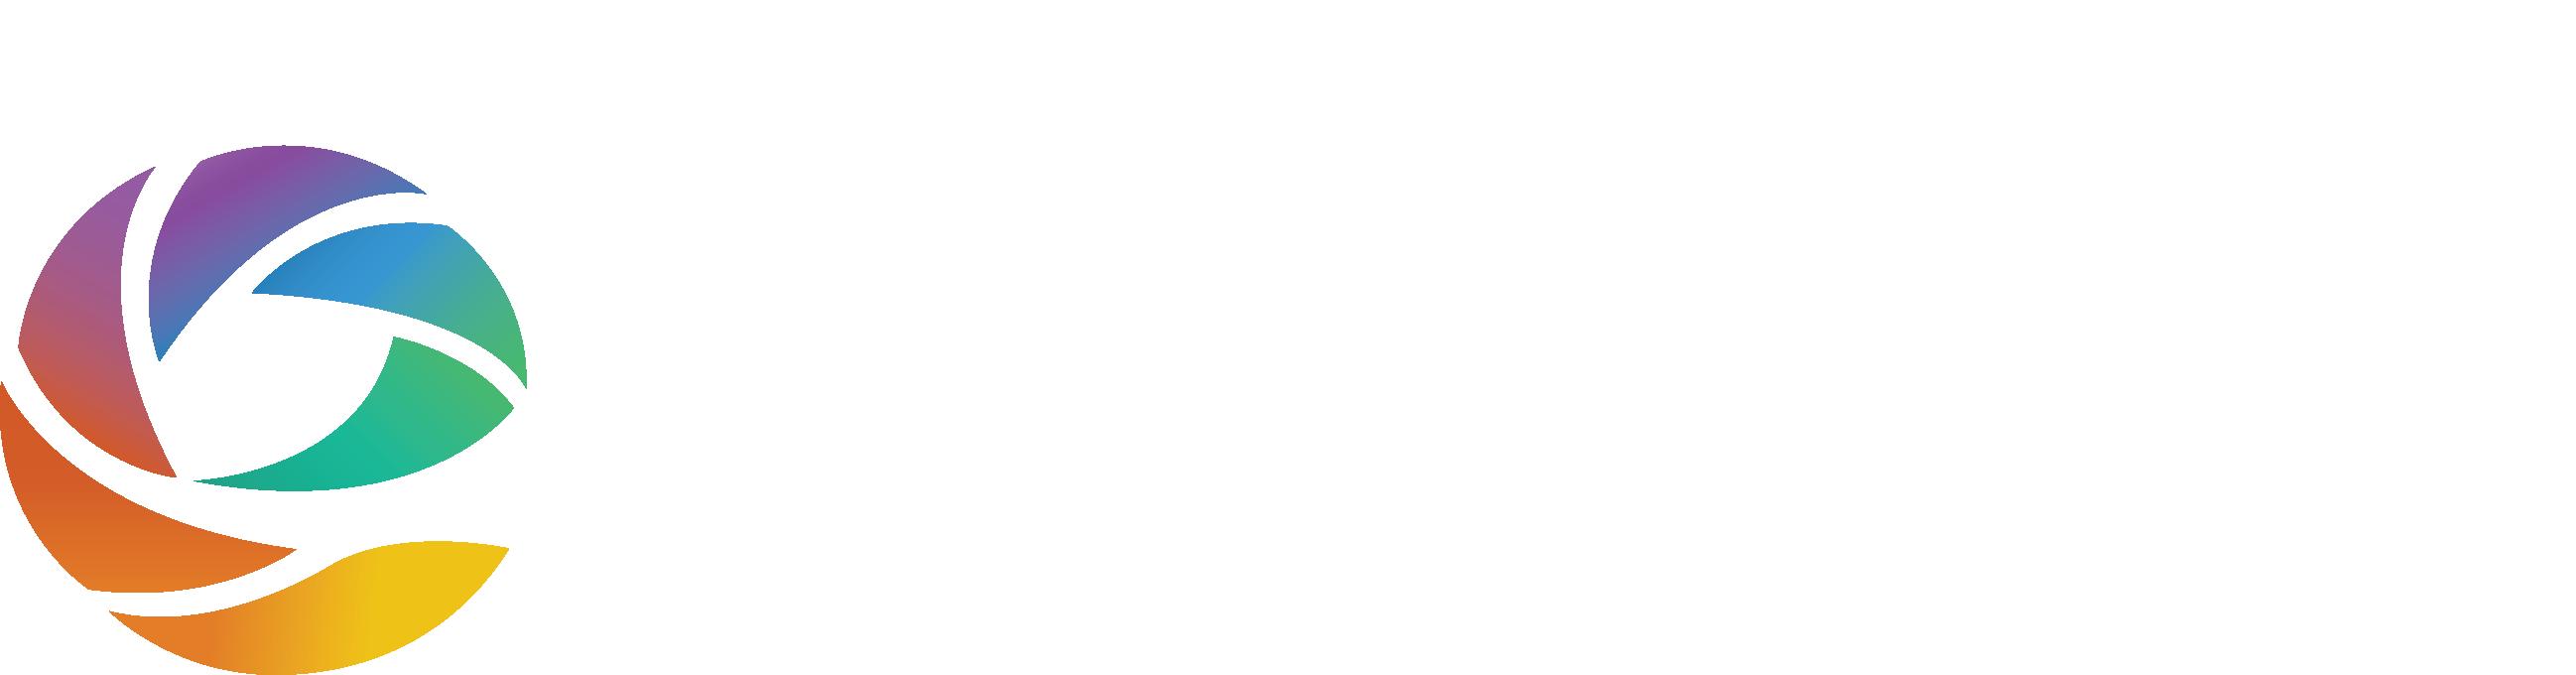 Evlaa